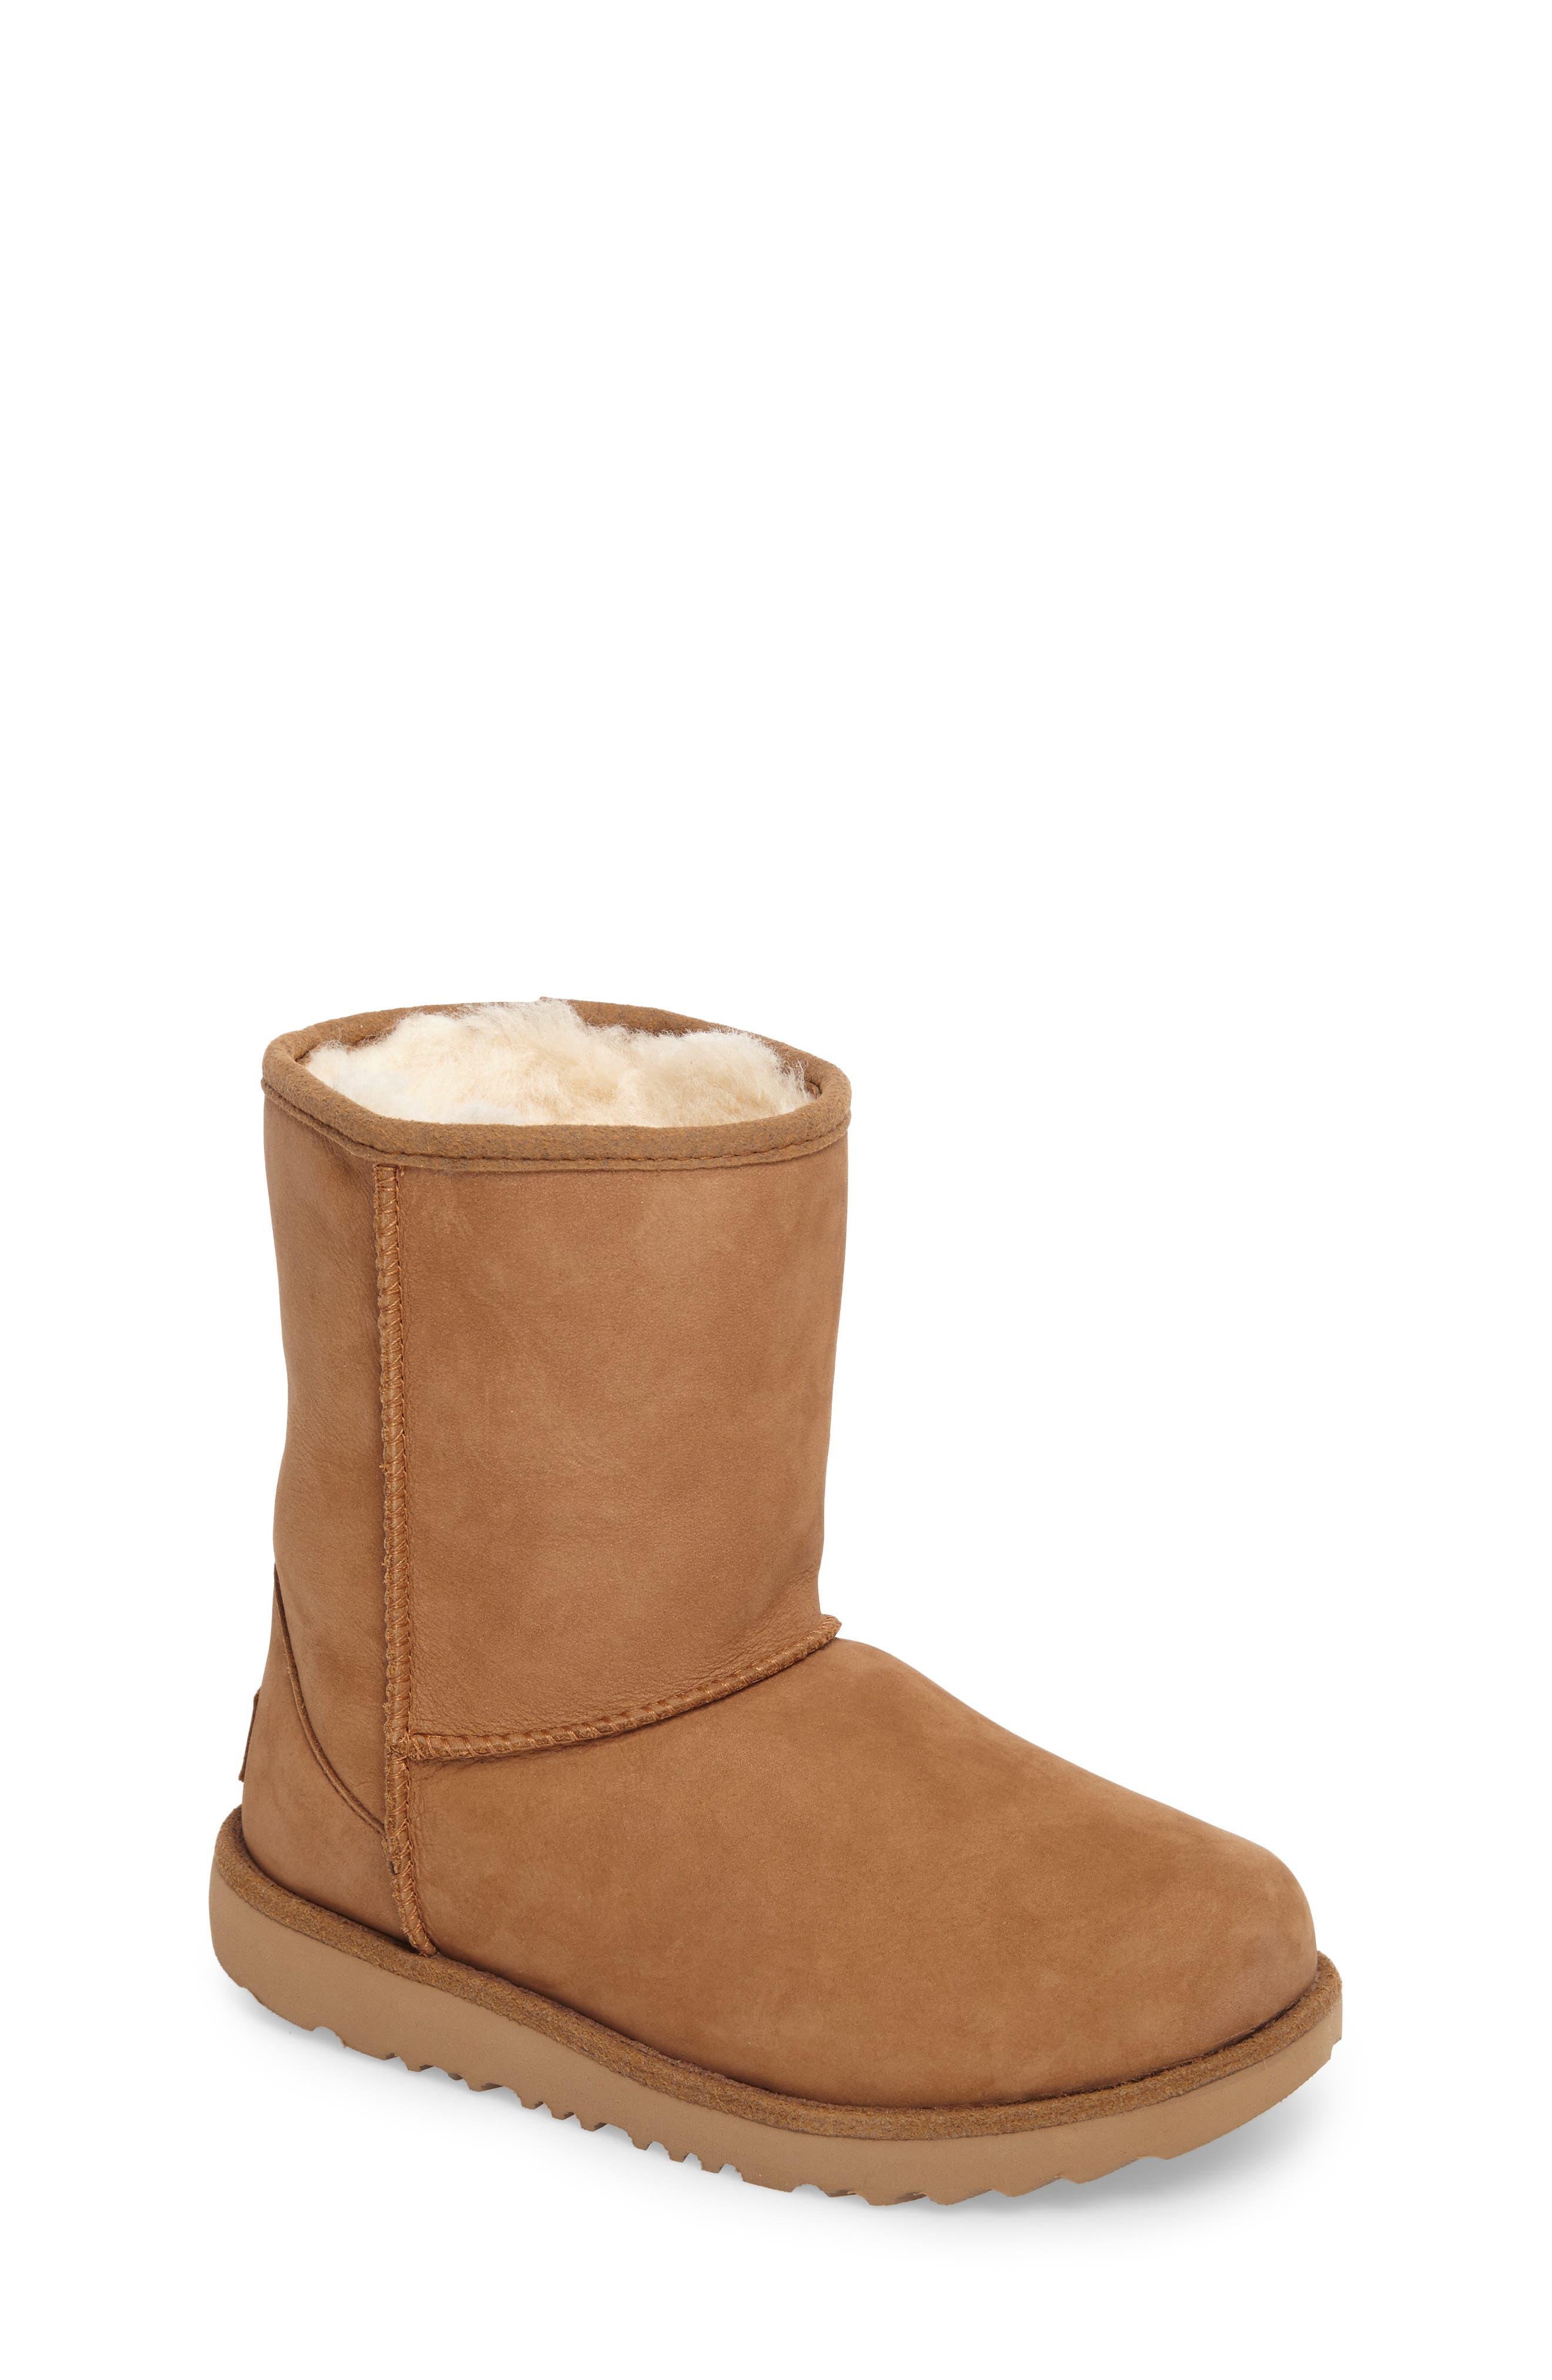 kids ugg boots and more nordstrom rh shop nordstrom com